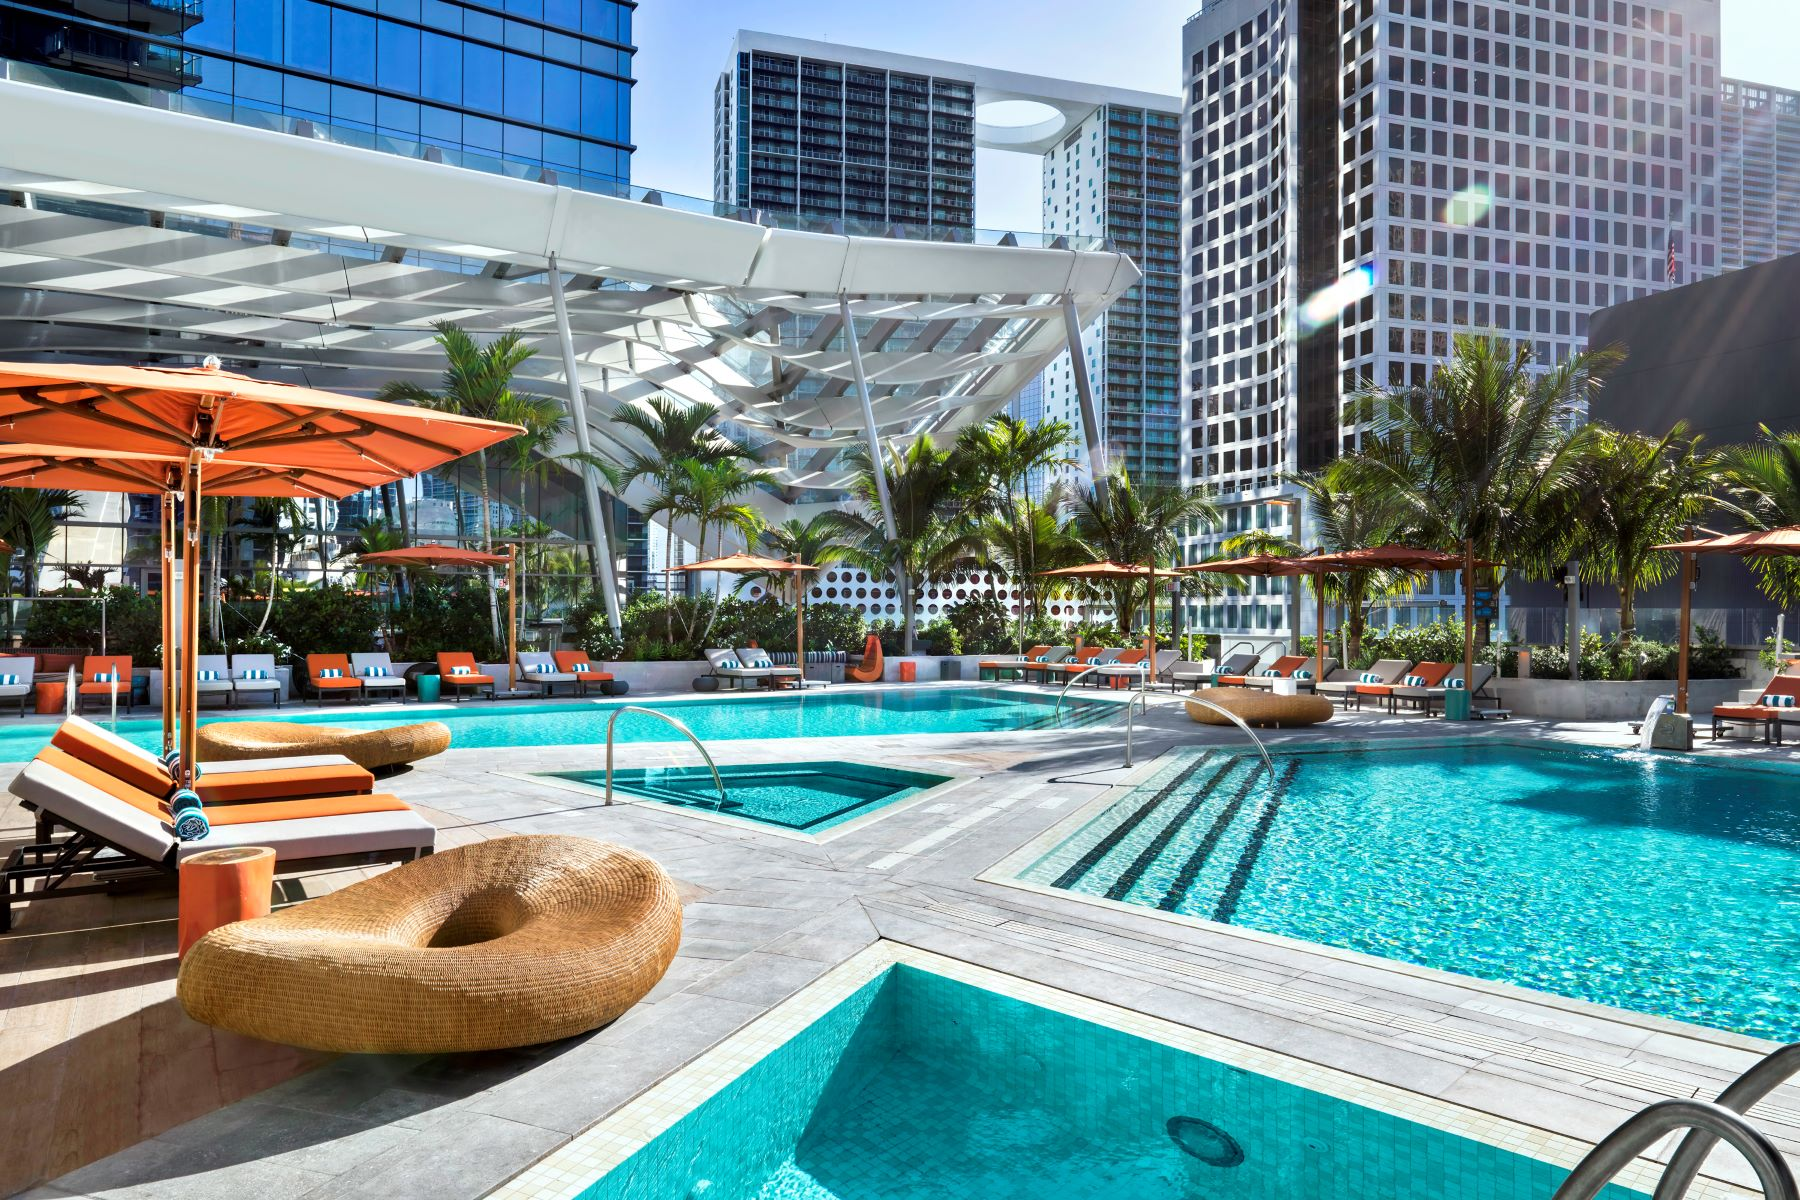 شقة بعمارة للـ Rent في 788 Brickell Plaza #1101 788 Brickell Plaza 1101 Miami, Florida 33131 United States